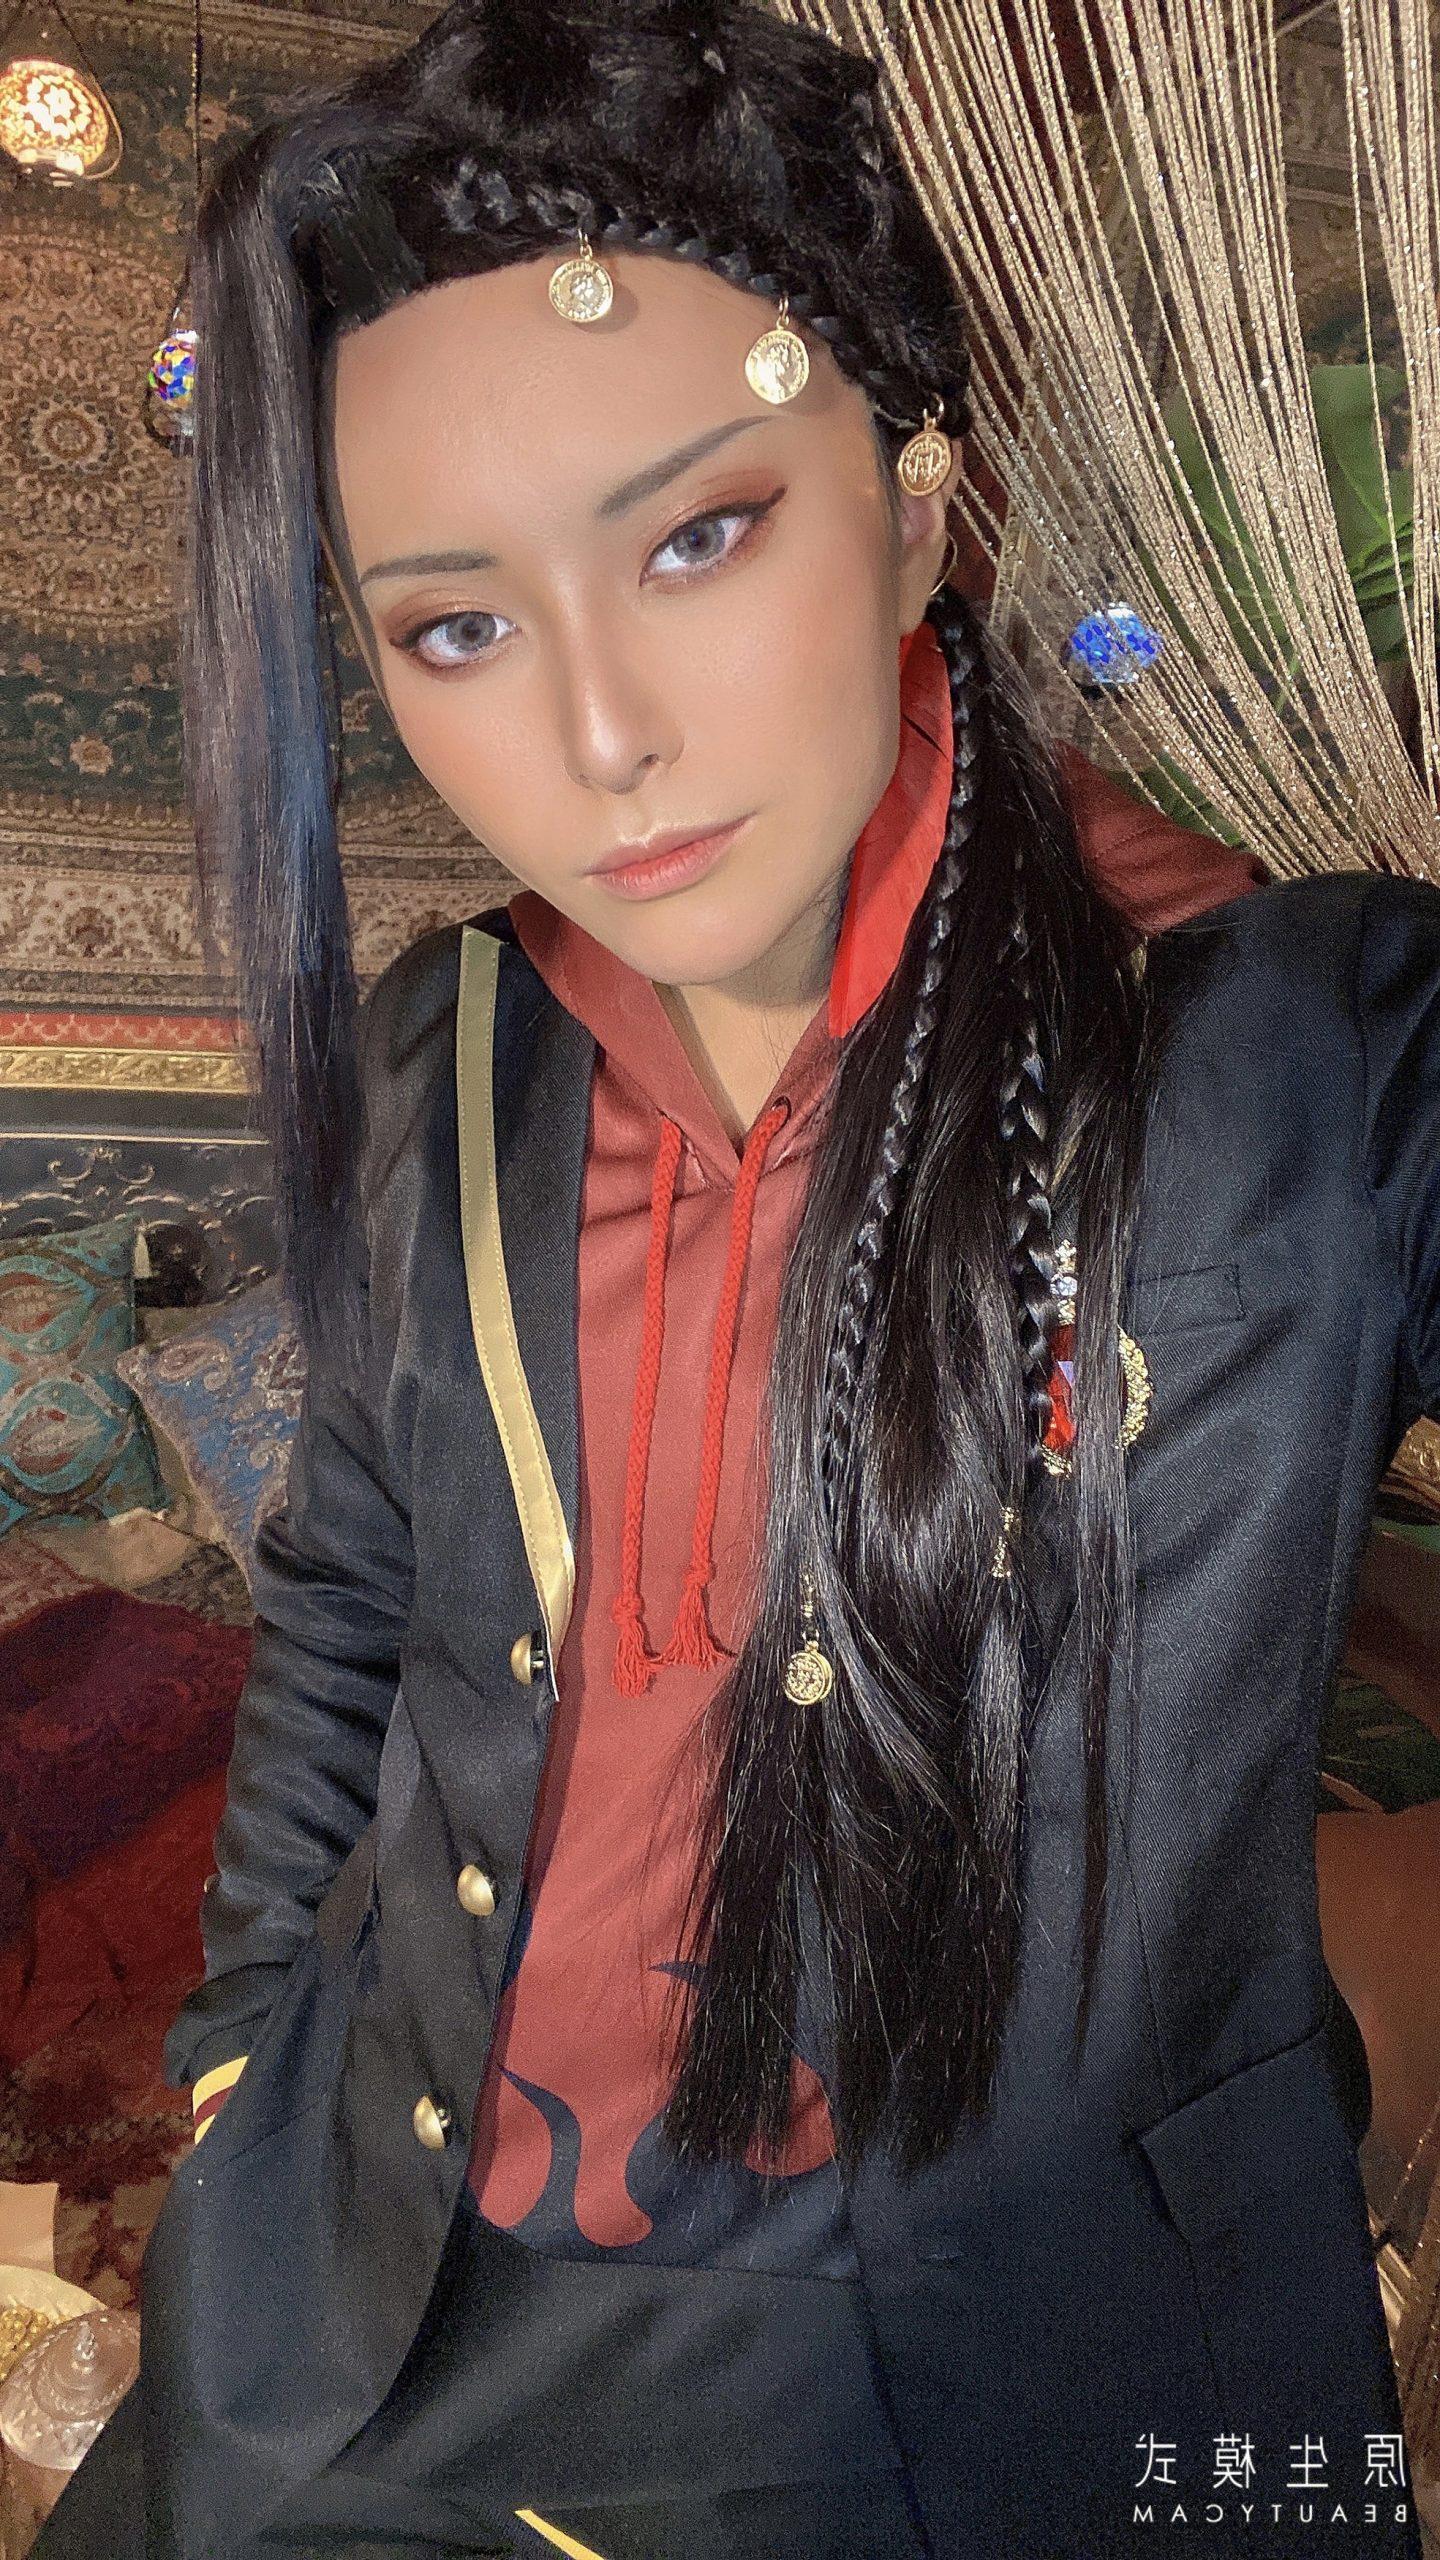 ツイステッドワンダーランドジャミル・バイパー制服コスプレアラビアンスタジオスカラビア寮腕章髪飾り